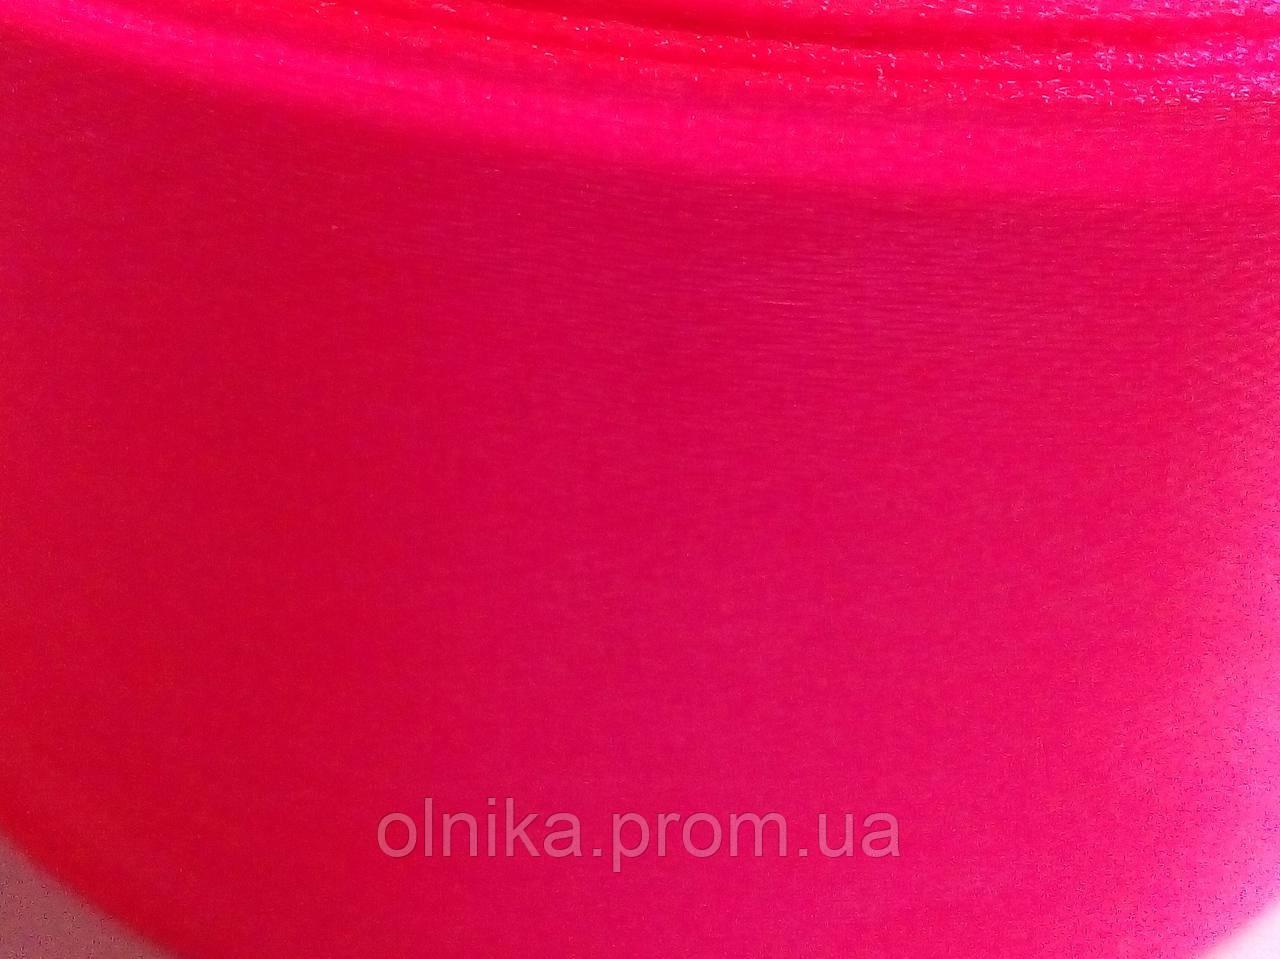 Лента  атласная 4 см. ярко розовый